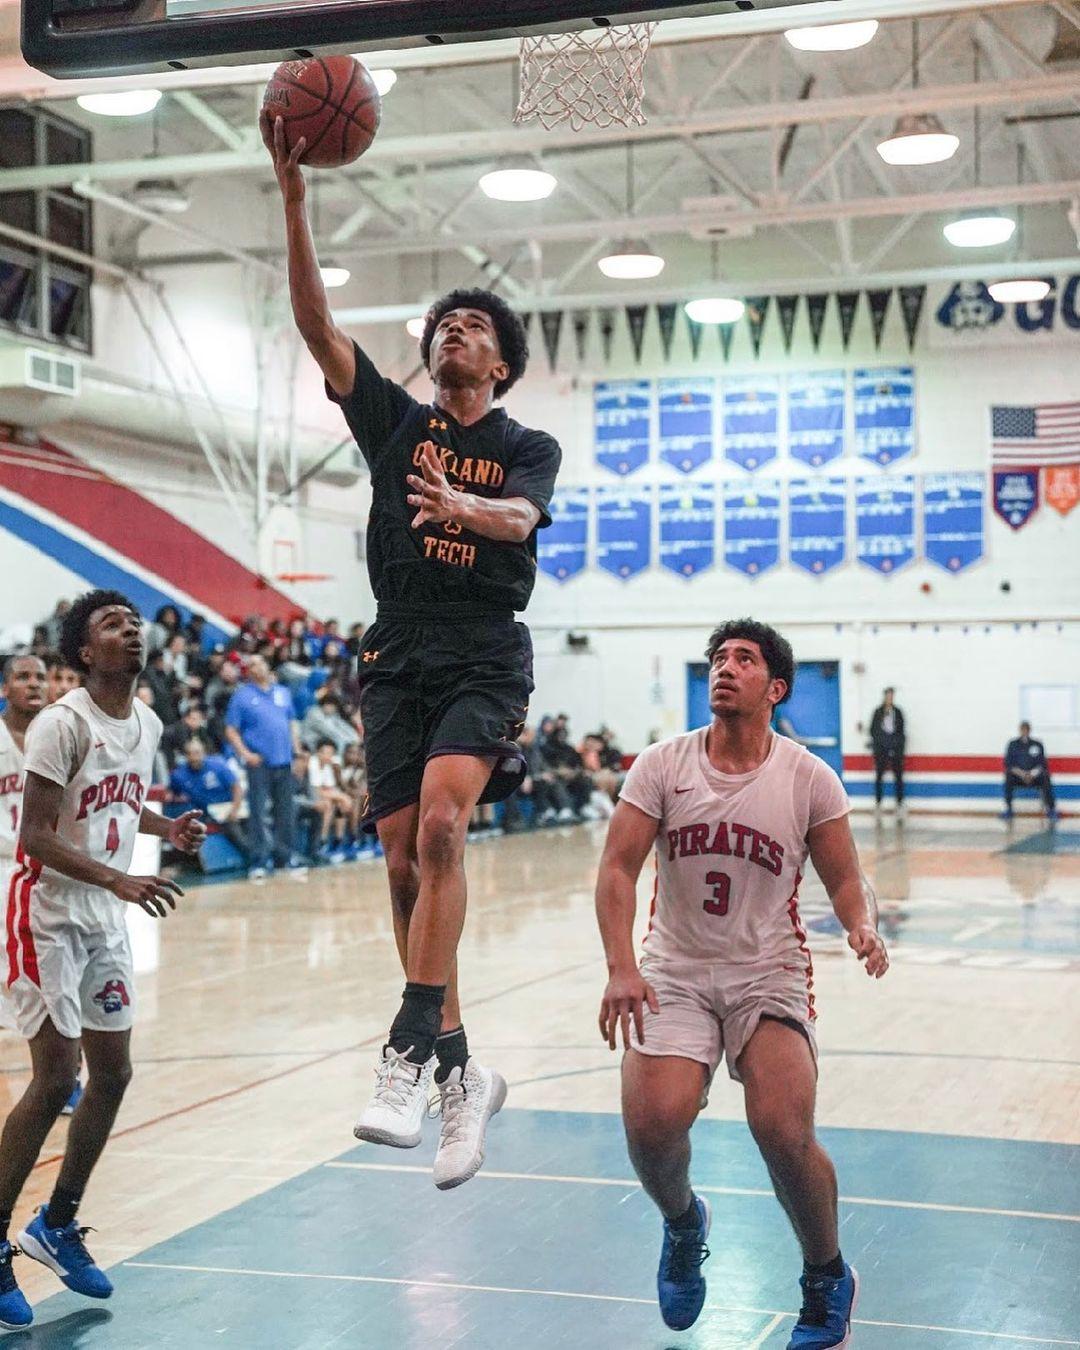 艾哈邁德(Ahmed Muhammad)在奧克蘭技術高中鬥牛犬男子籃球隊擔任控球后衛。(艾哈邁德提供)